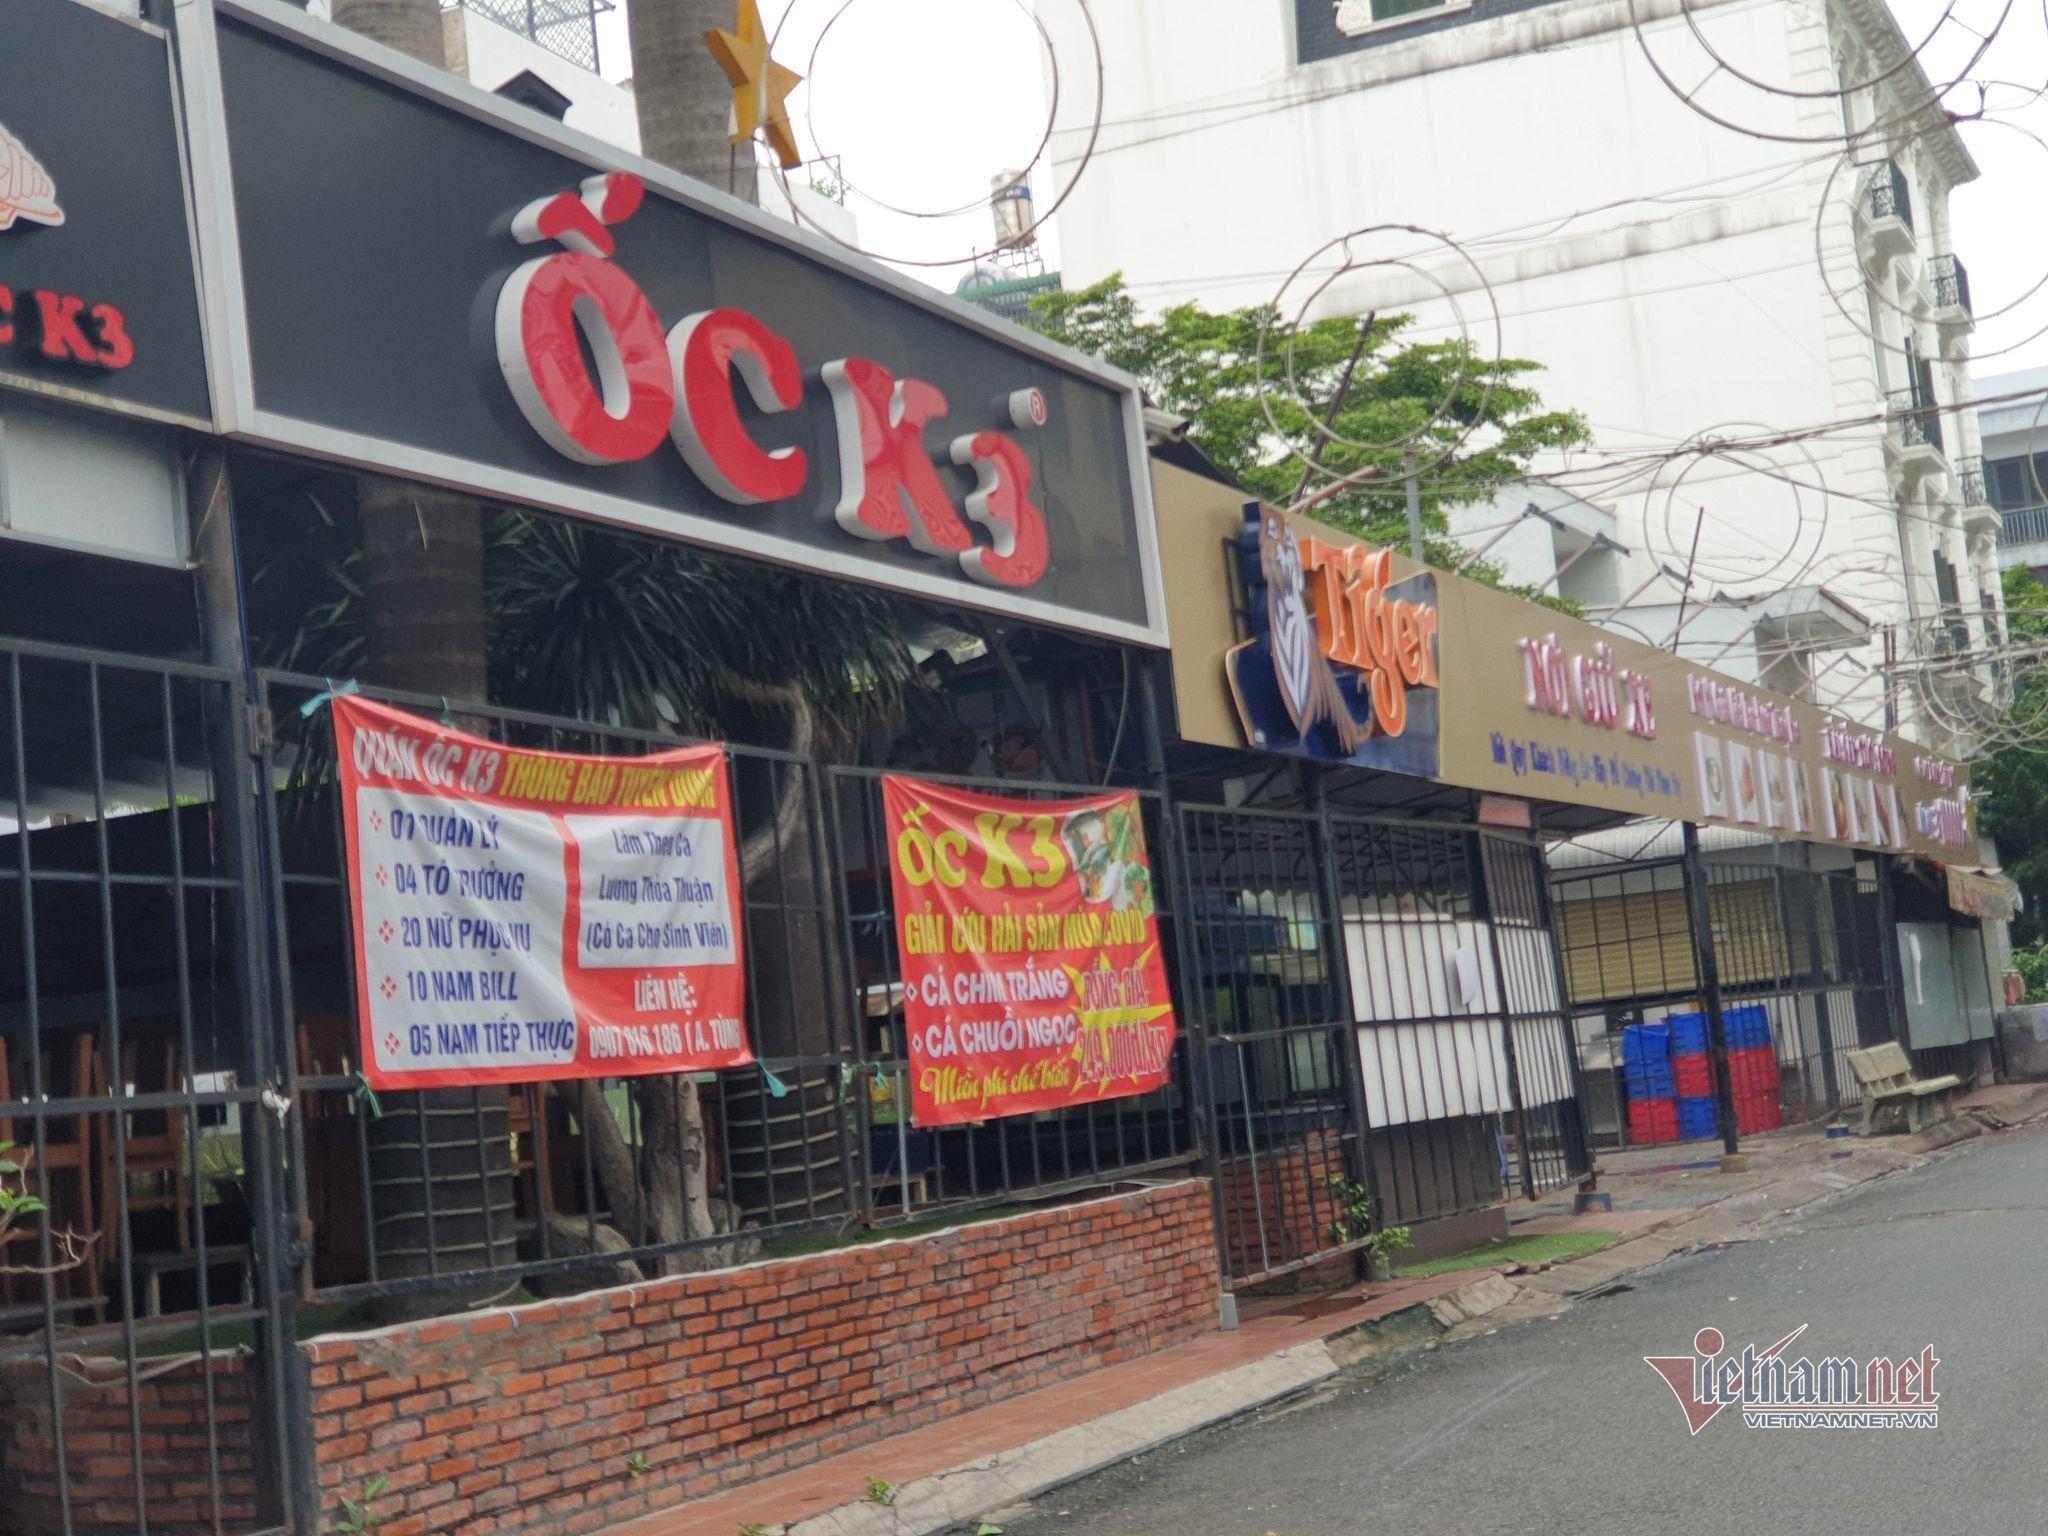 Hàng quán ở TP.HCM kê bàn, đóng cửa phòng dịch Covid-19